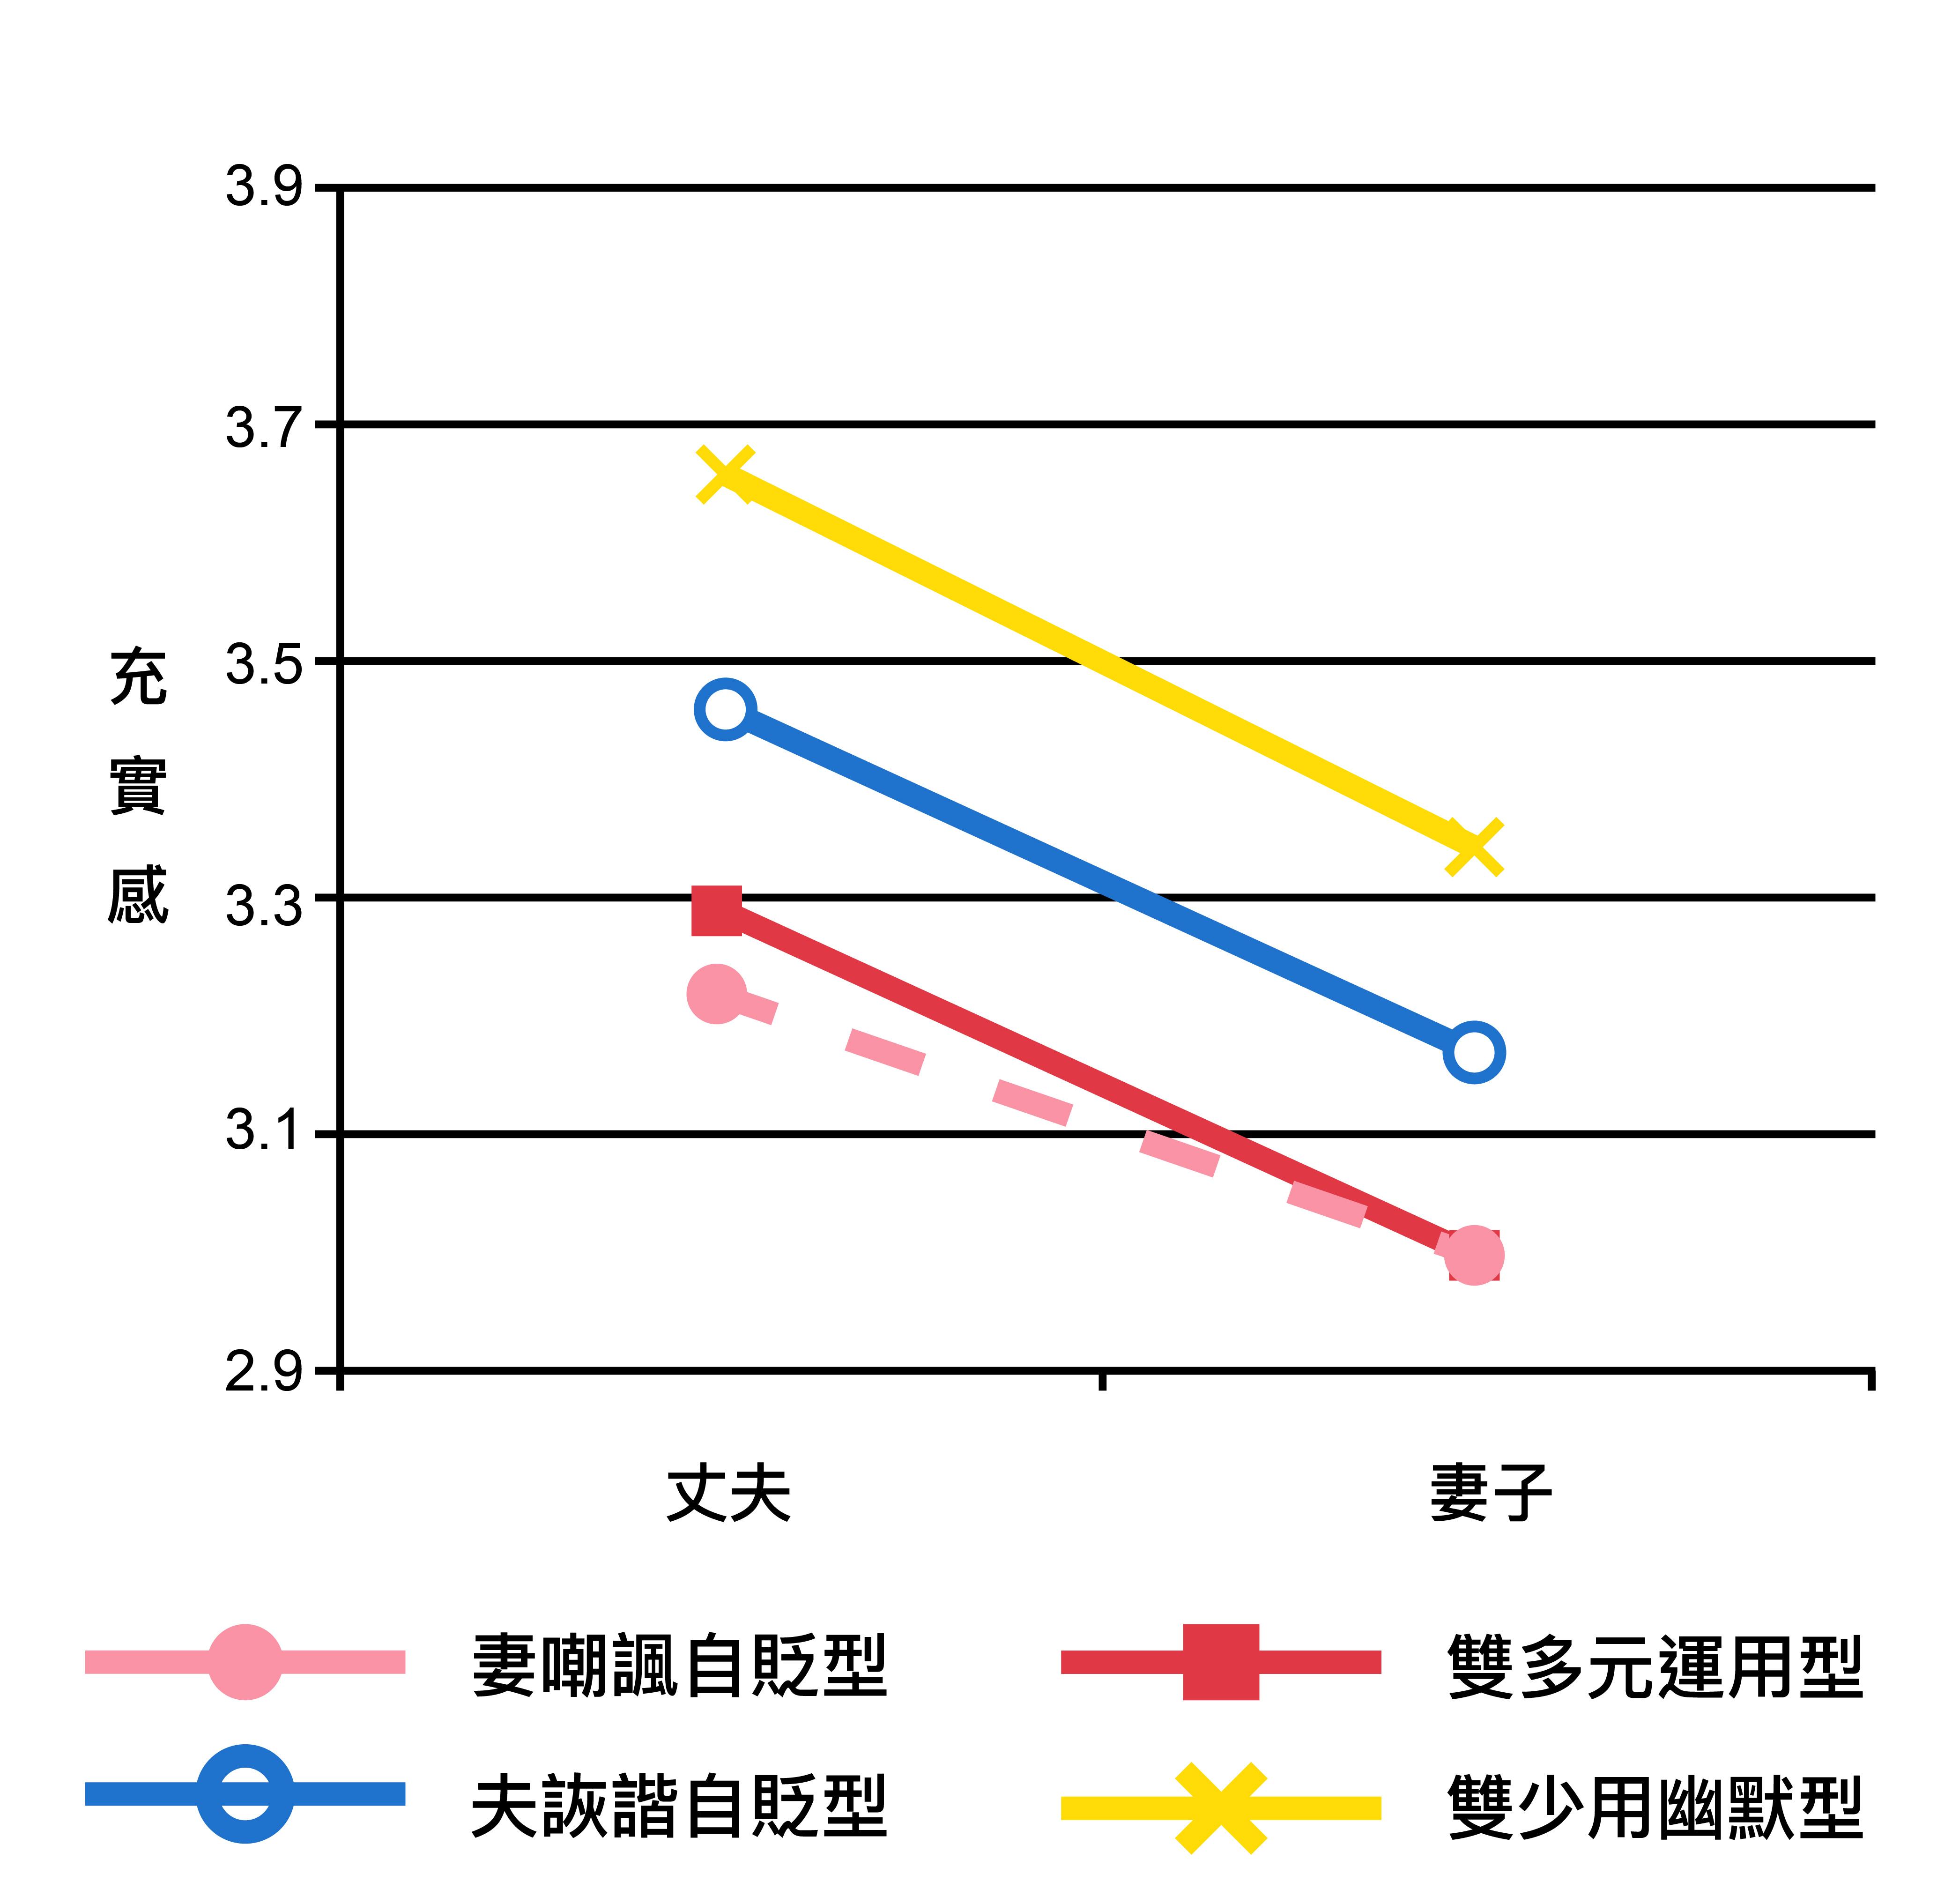 婚姻的「充實感」分數,在四種幽默運用類型的夫妻間的差異。圖│研之有物(資料來源│周玉慧(2018)。〈夫妻間幽默運用及其影響〉。《中華心理學刊》,60,33-55。)